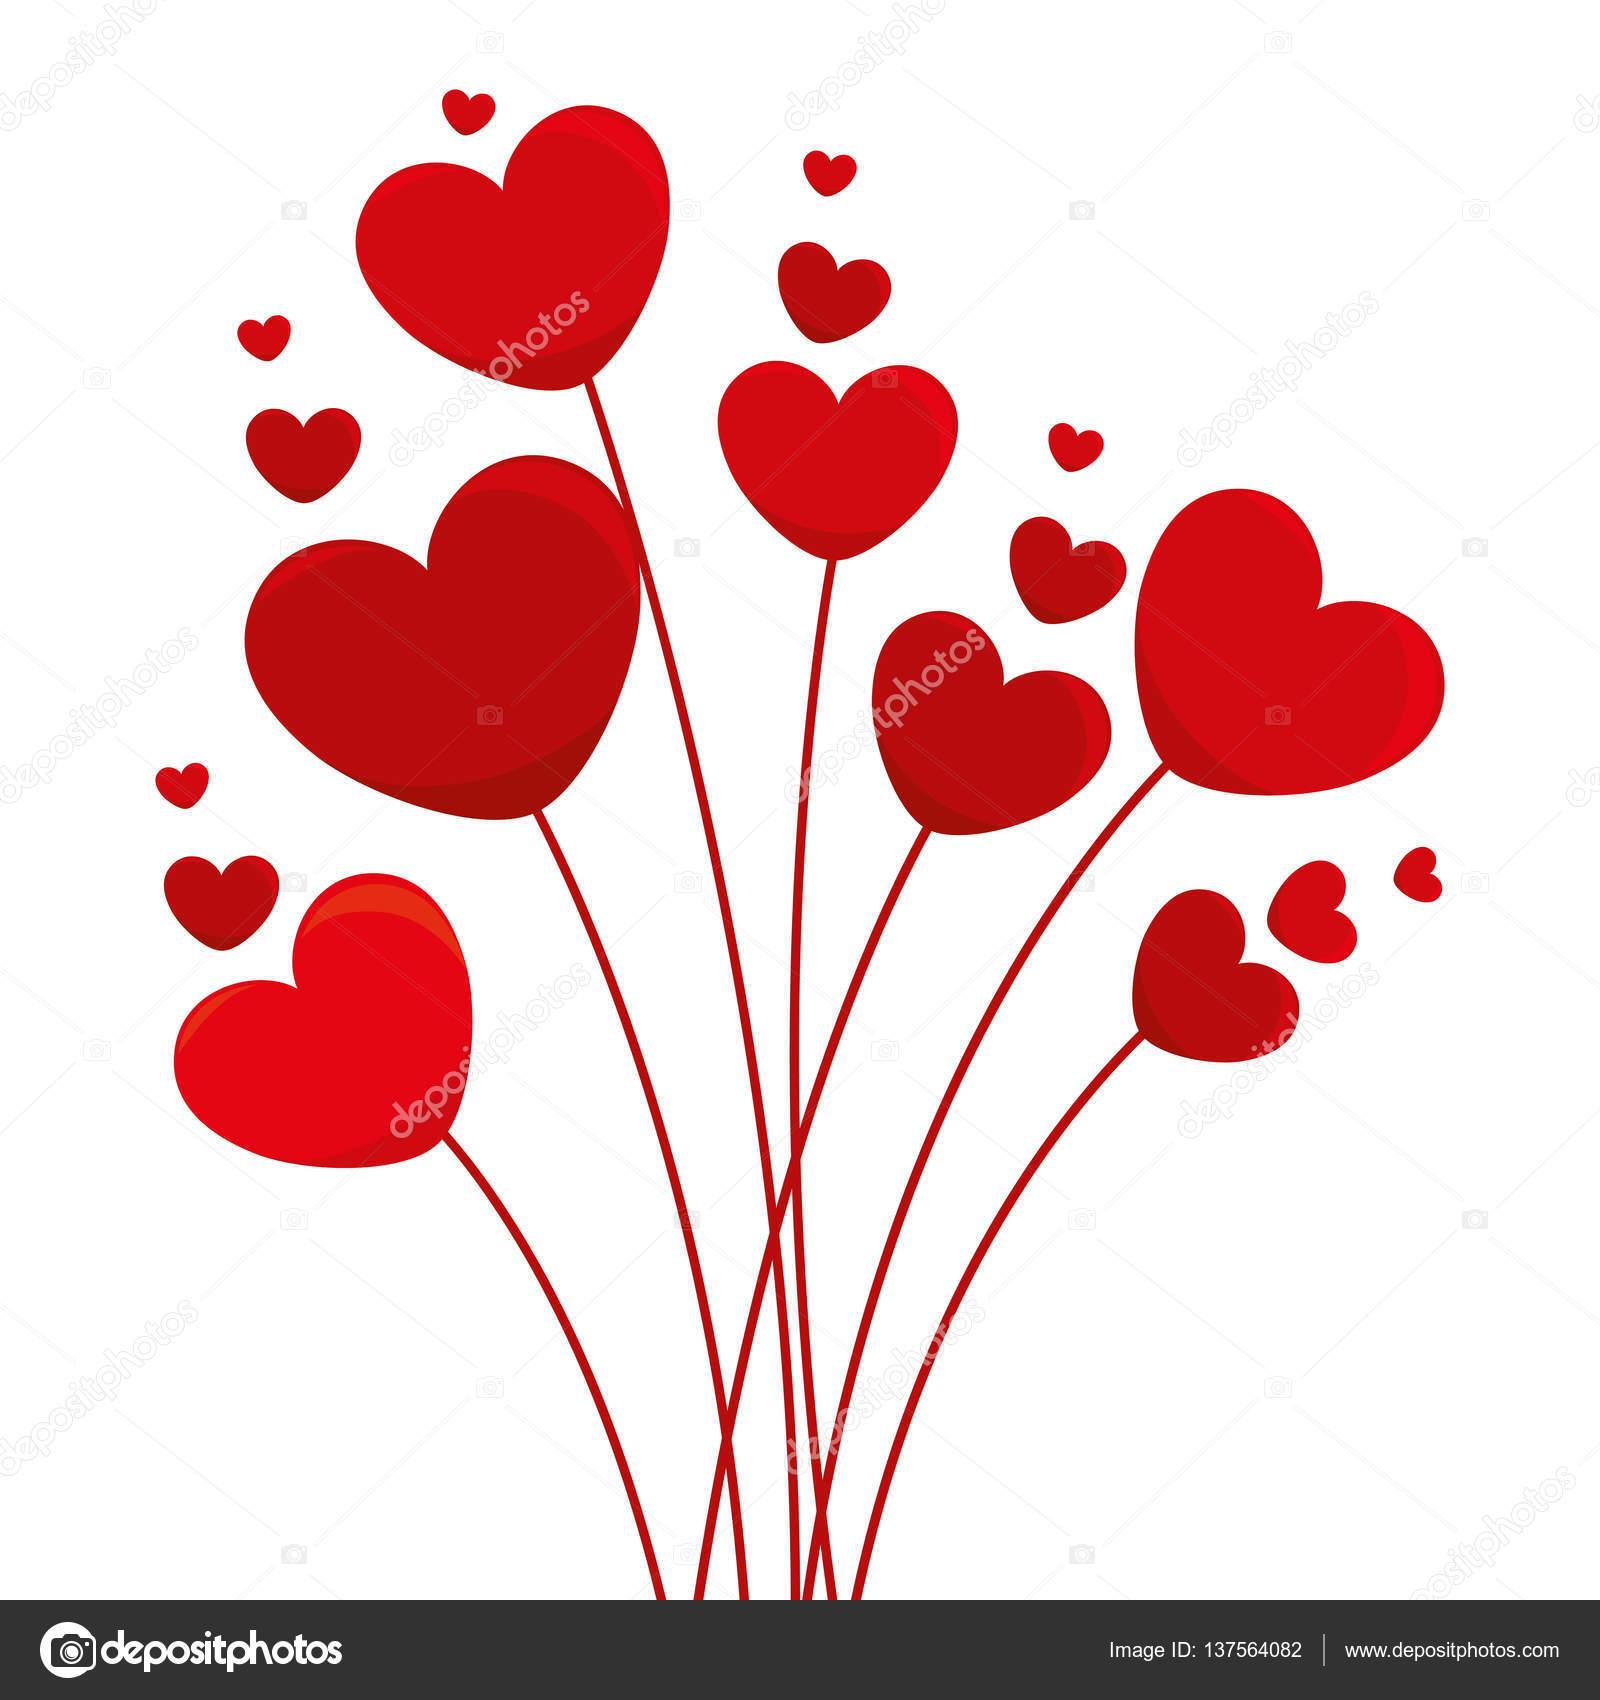 D coration de carte coeur amour image vectorielle - Image de coeur damour ...